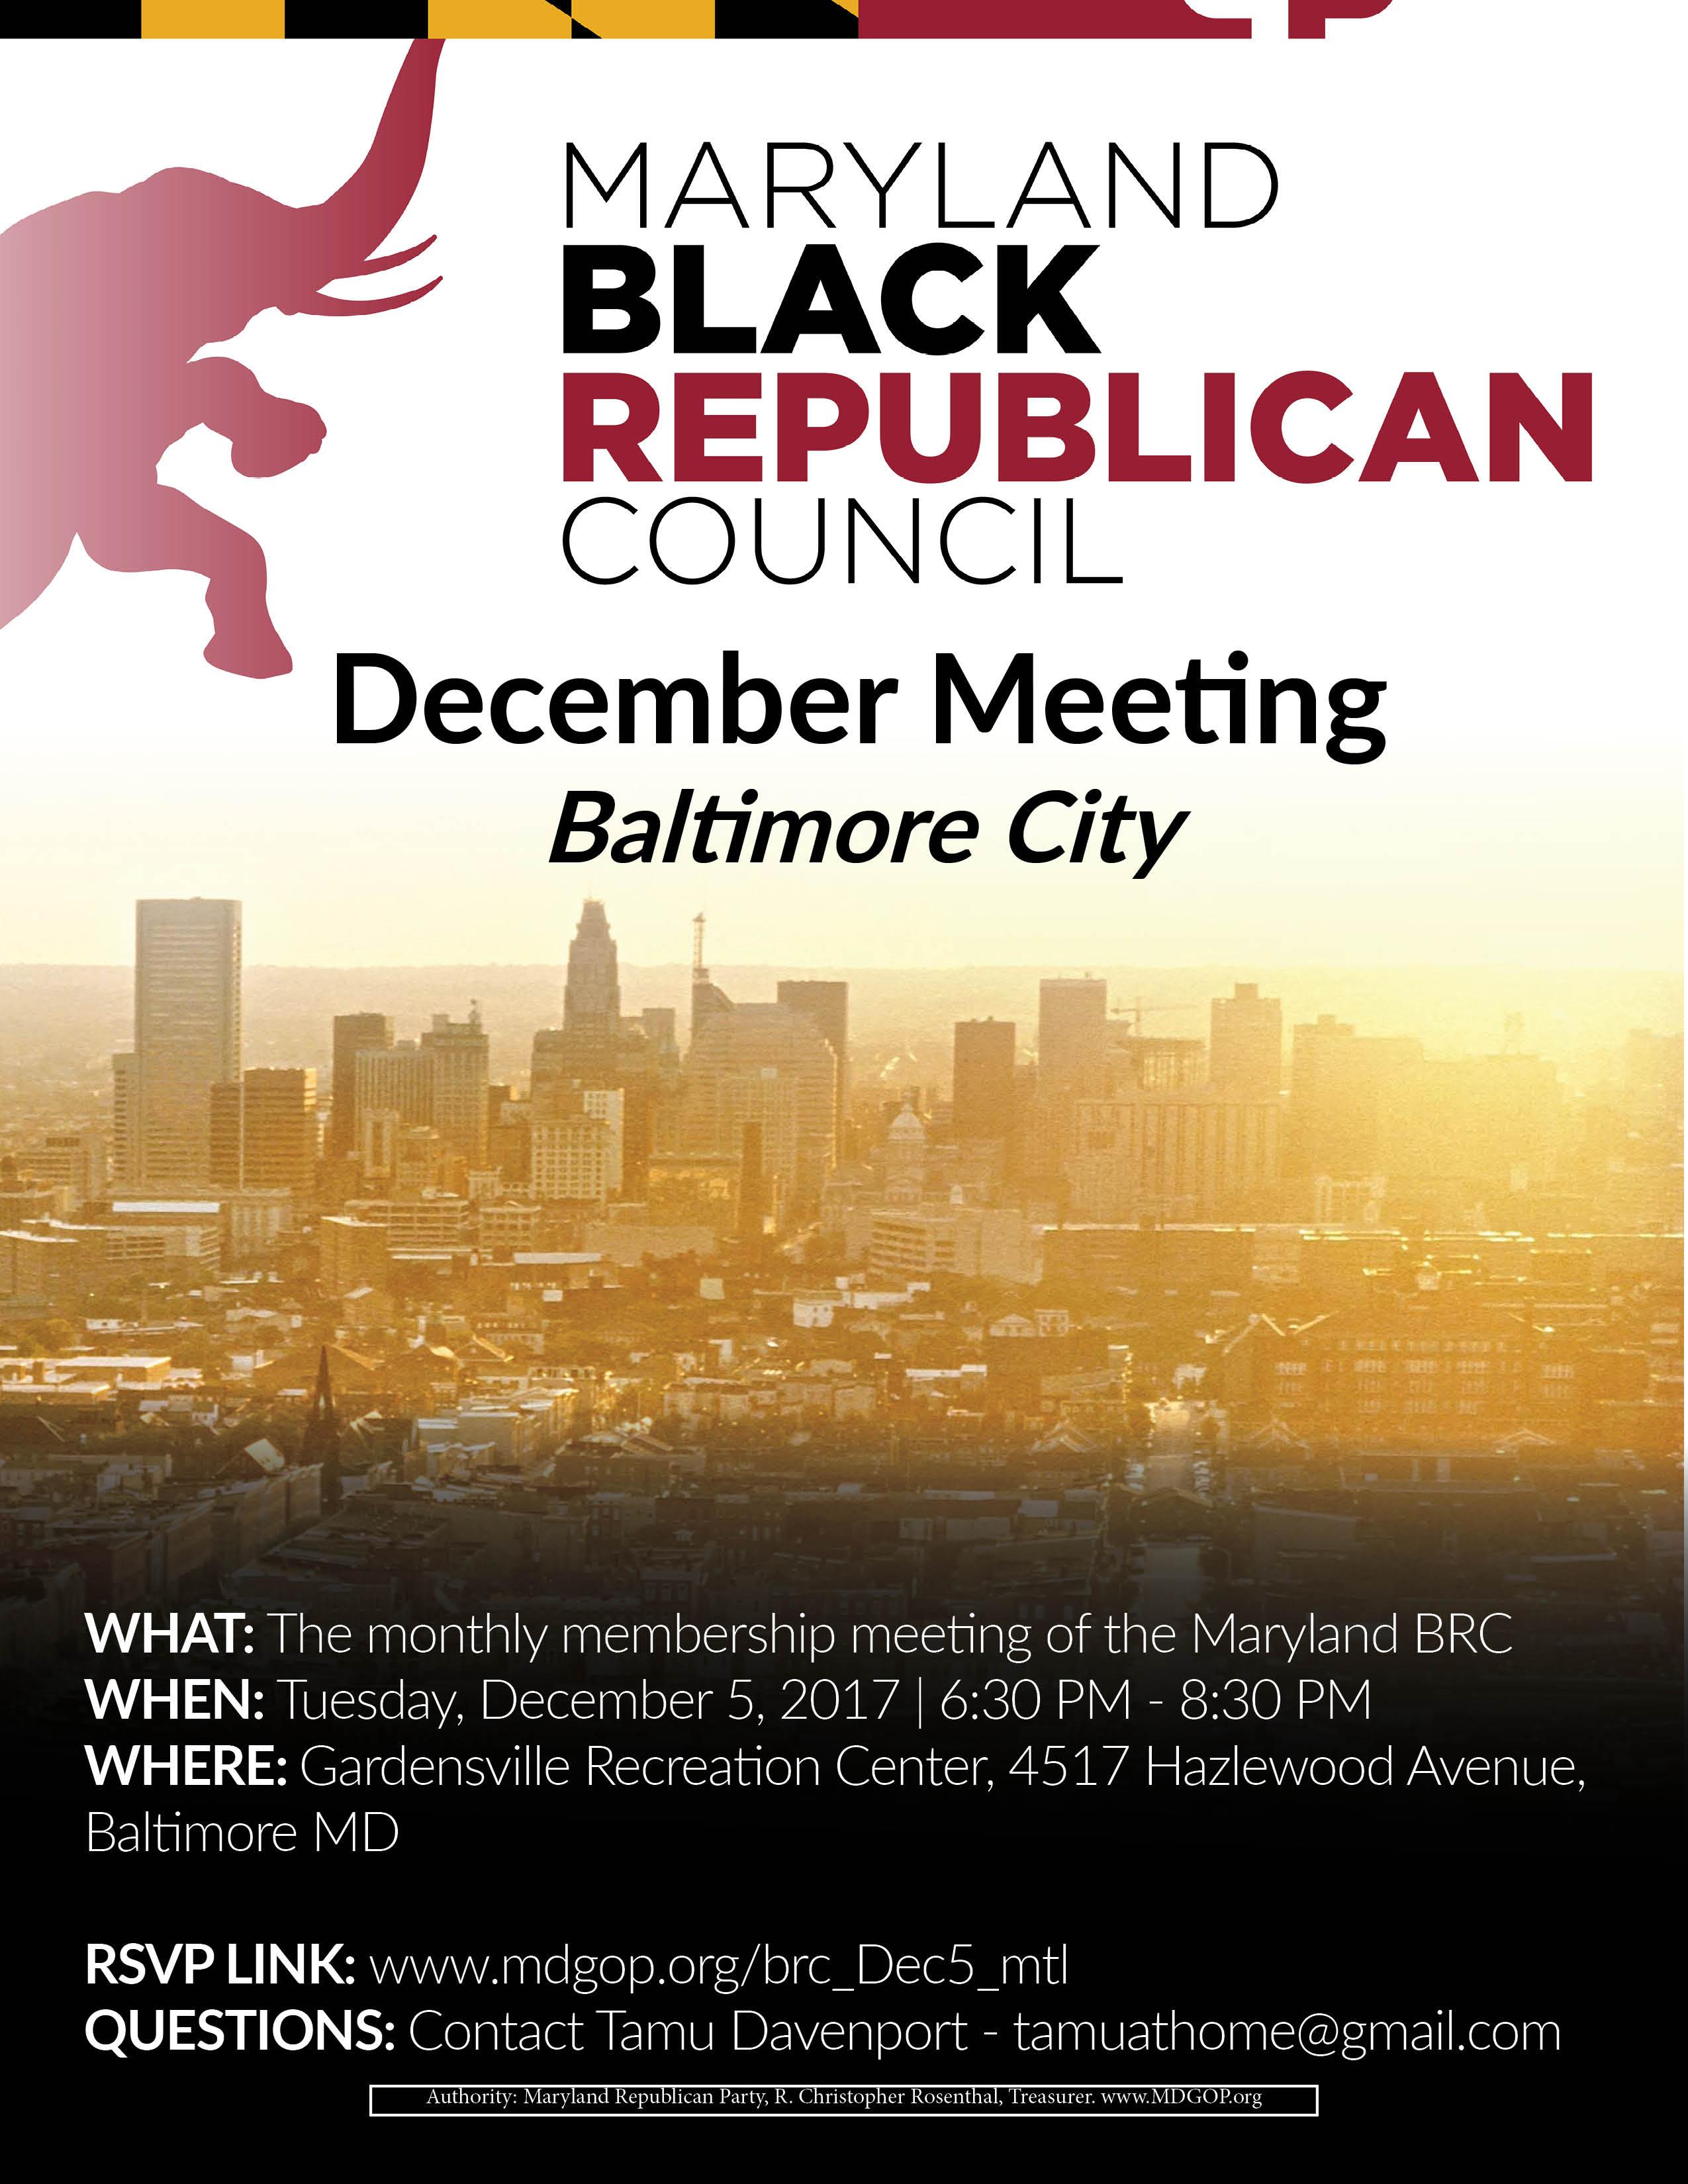 MDBRC_DecemberMeeting_v1.jpg